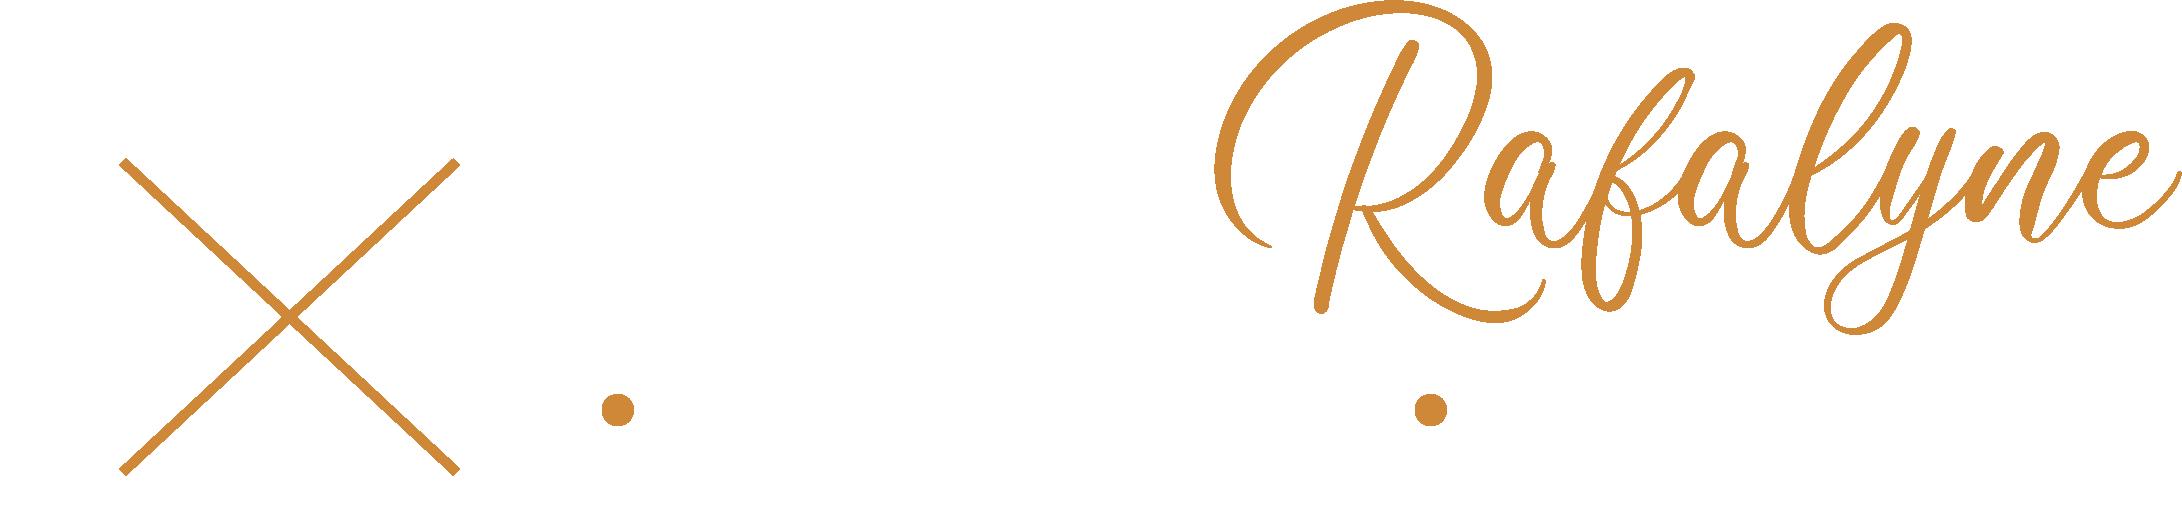 Maison Rafalyne - Logo